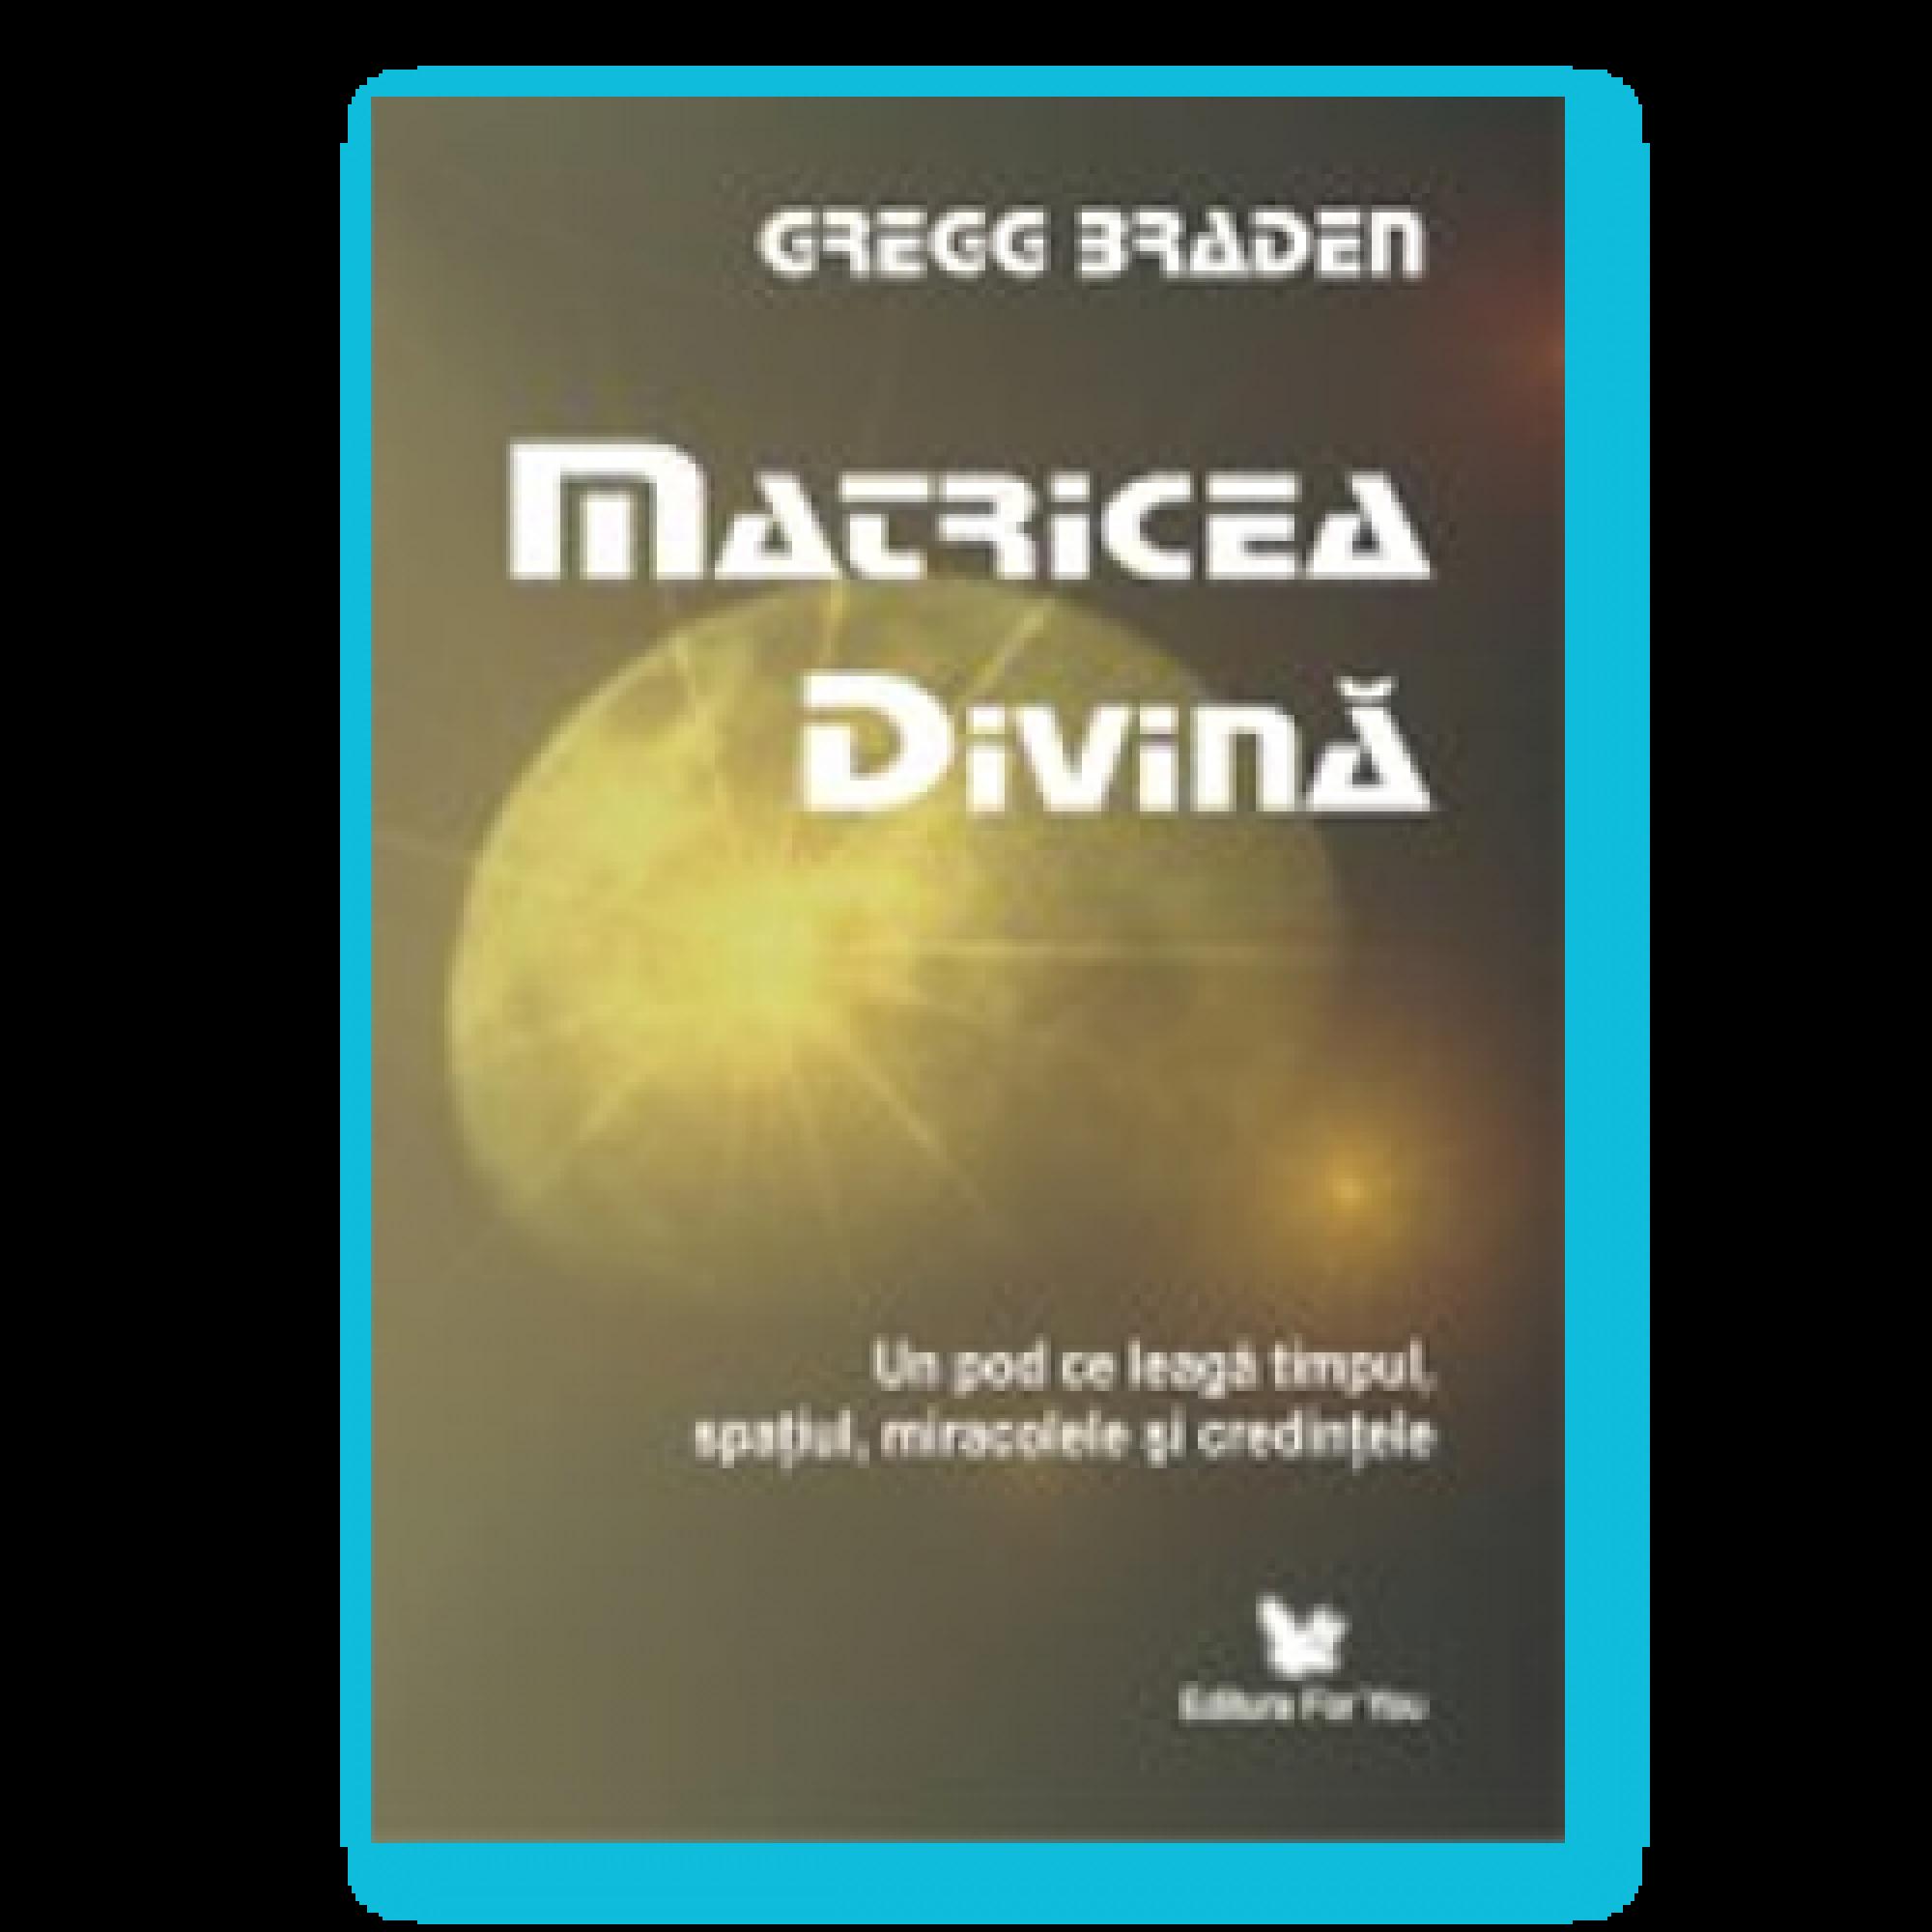 Matricea divină. Un pod ce leagă timpul, spaţiul, miracolele şi credinţele; Gregg Braden